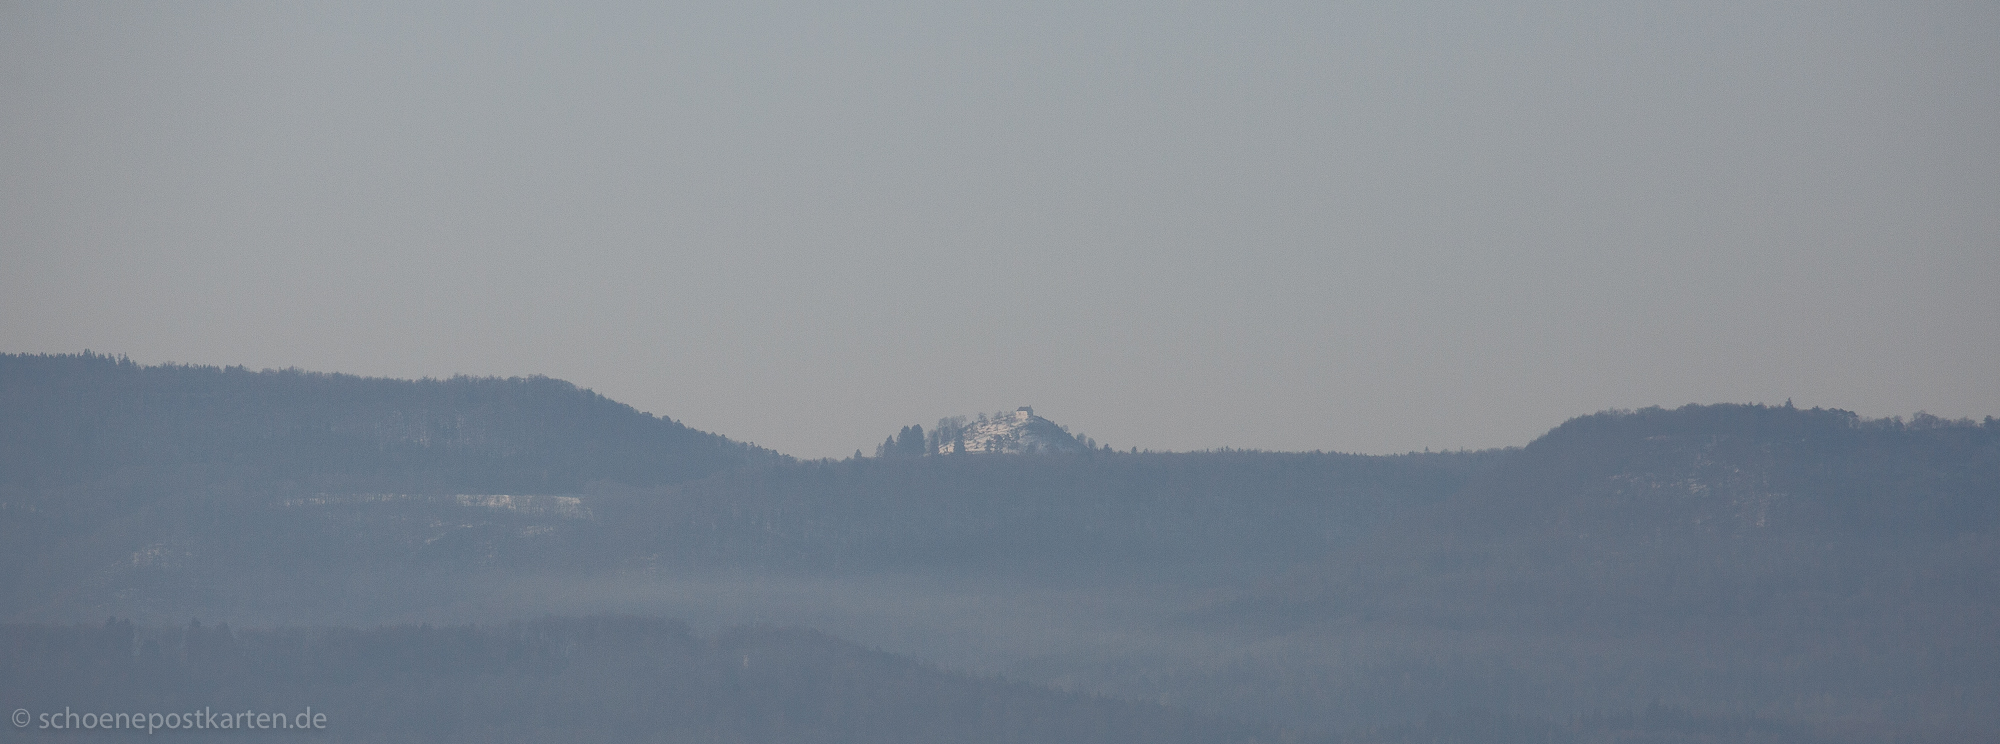 Wer als erster in den Kommentar schreibt, wie die Kapelle auf dem beschneiten Hügel heißt, bekommt 5 Schöne Postkarten